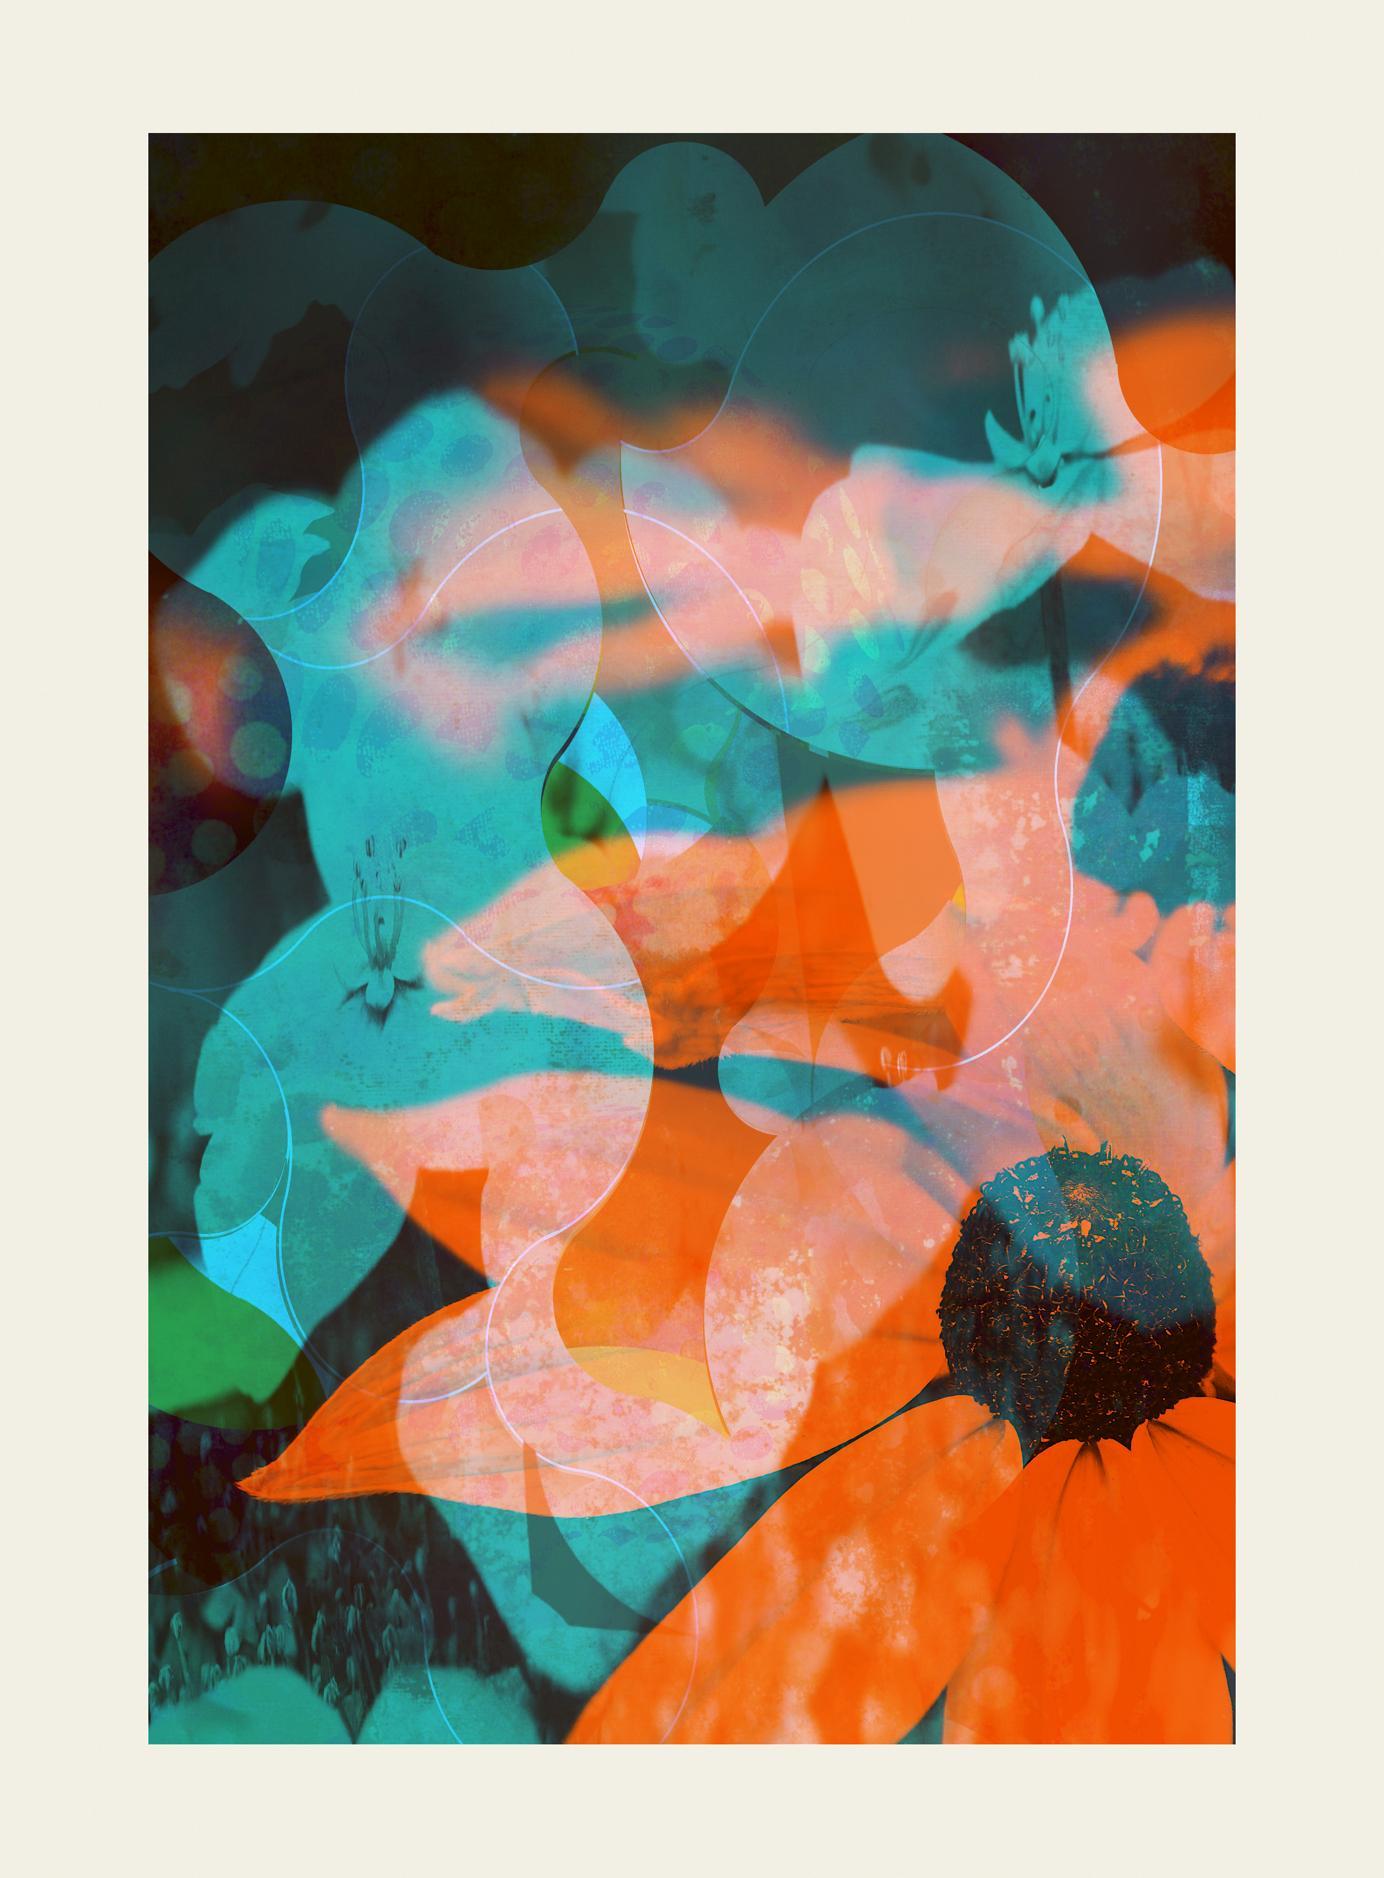 flower50-Contemporary, Abstract Gestual, Street art, Pop art, Modern, Geometric